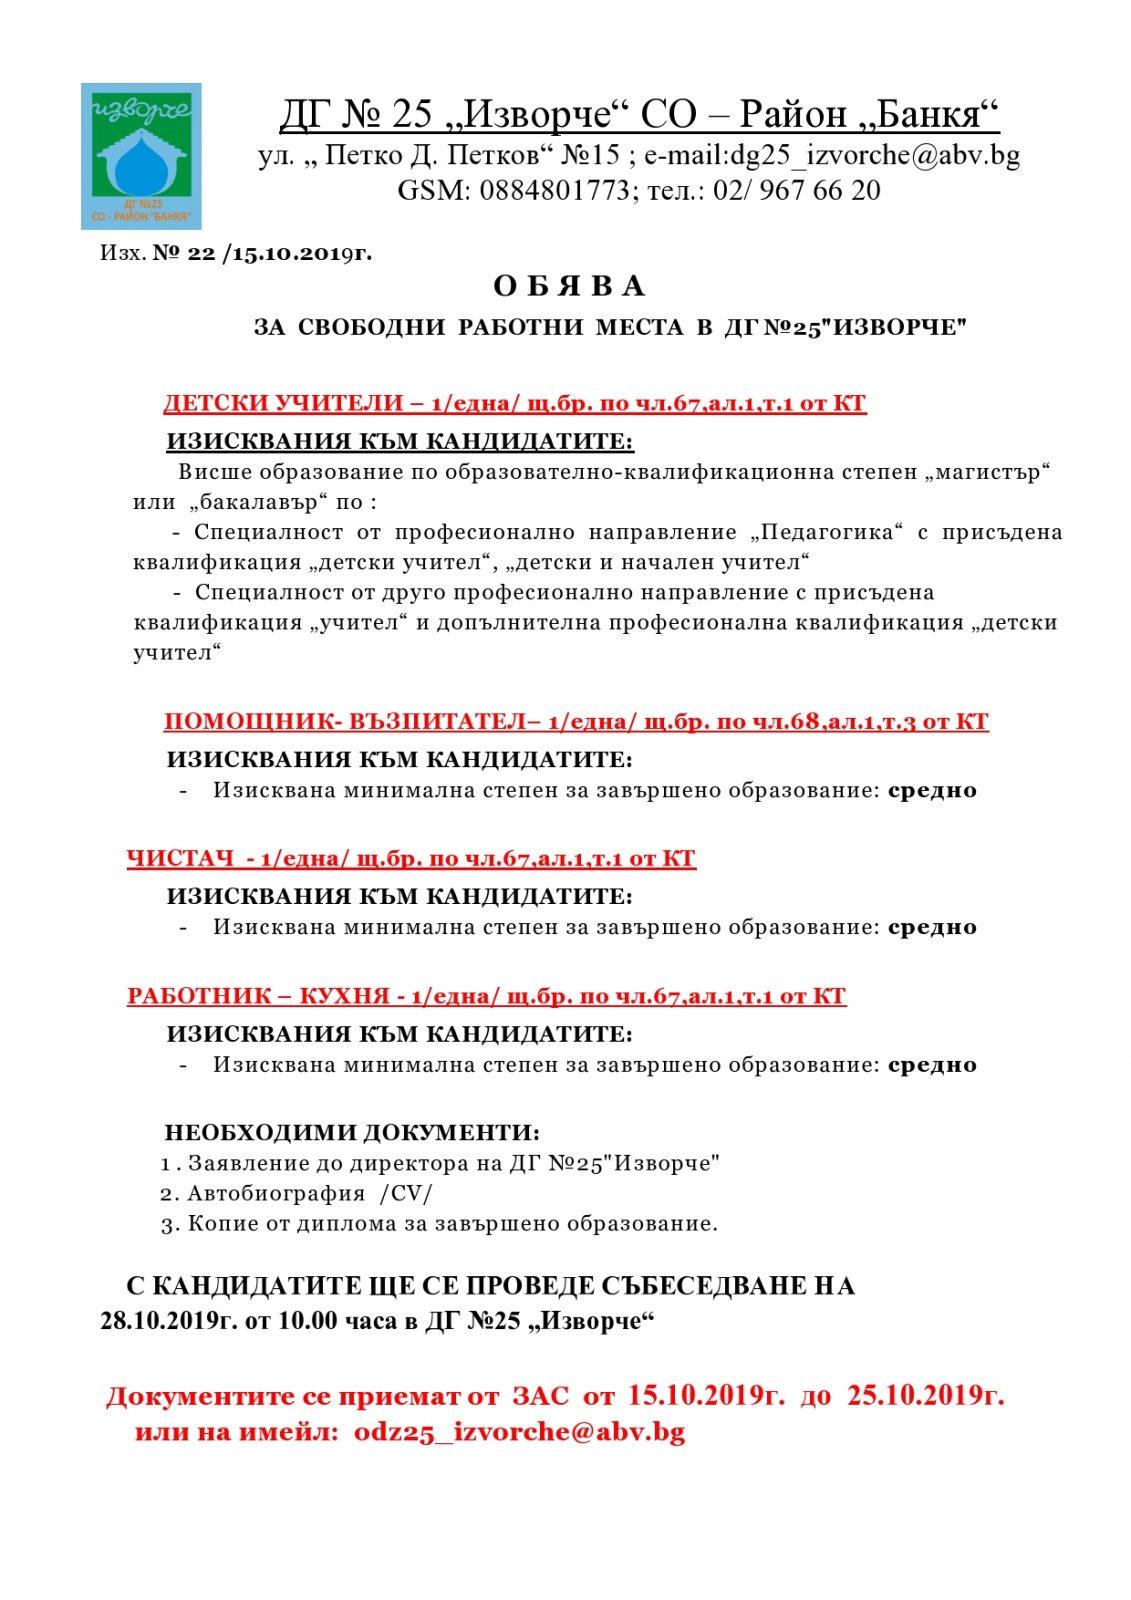 Обява за свободни работни места в ДГ 25 Изворче. Документите се приемат от 15.10 до 25.10.2019